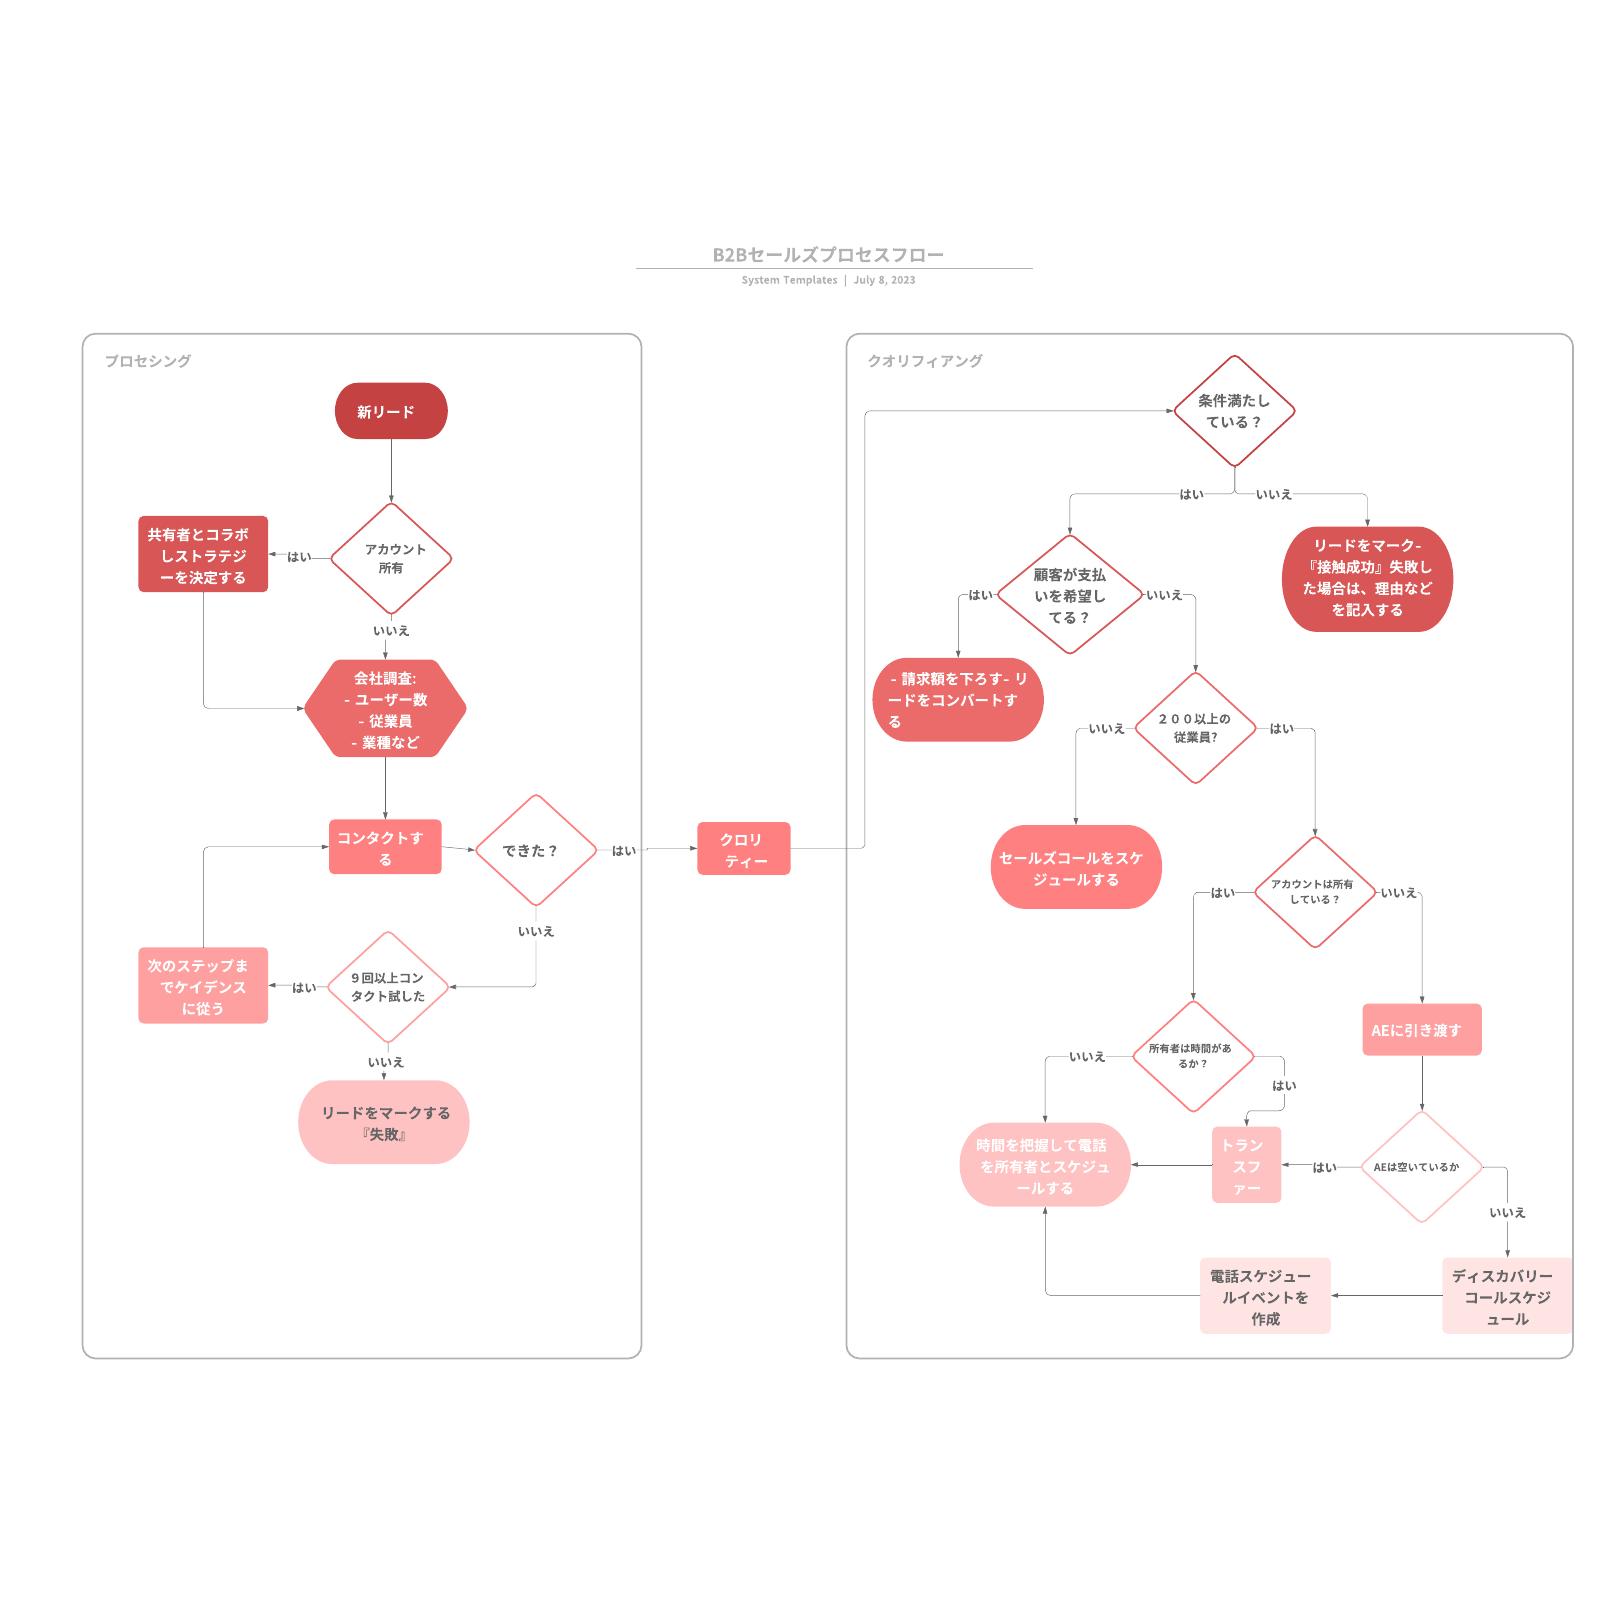 プロセスフロー図のサンプル